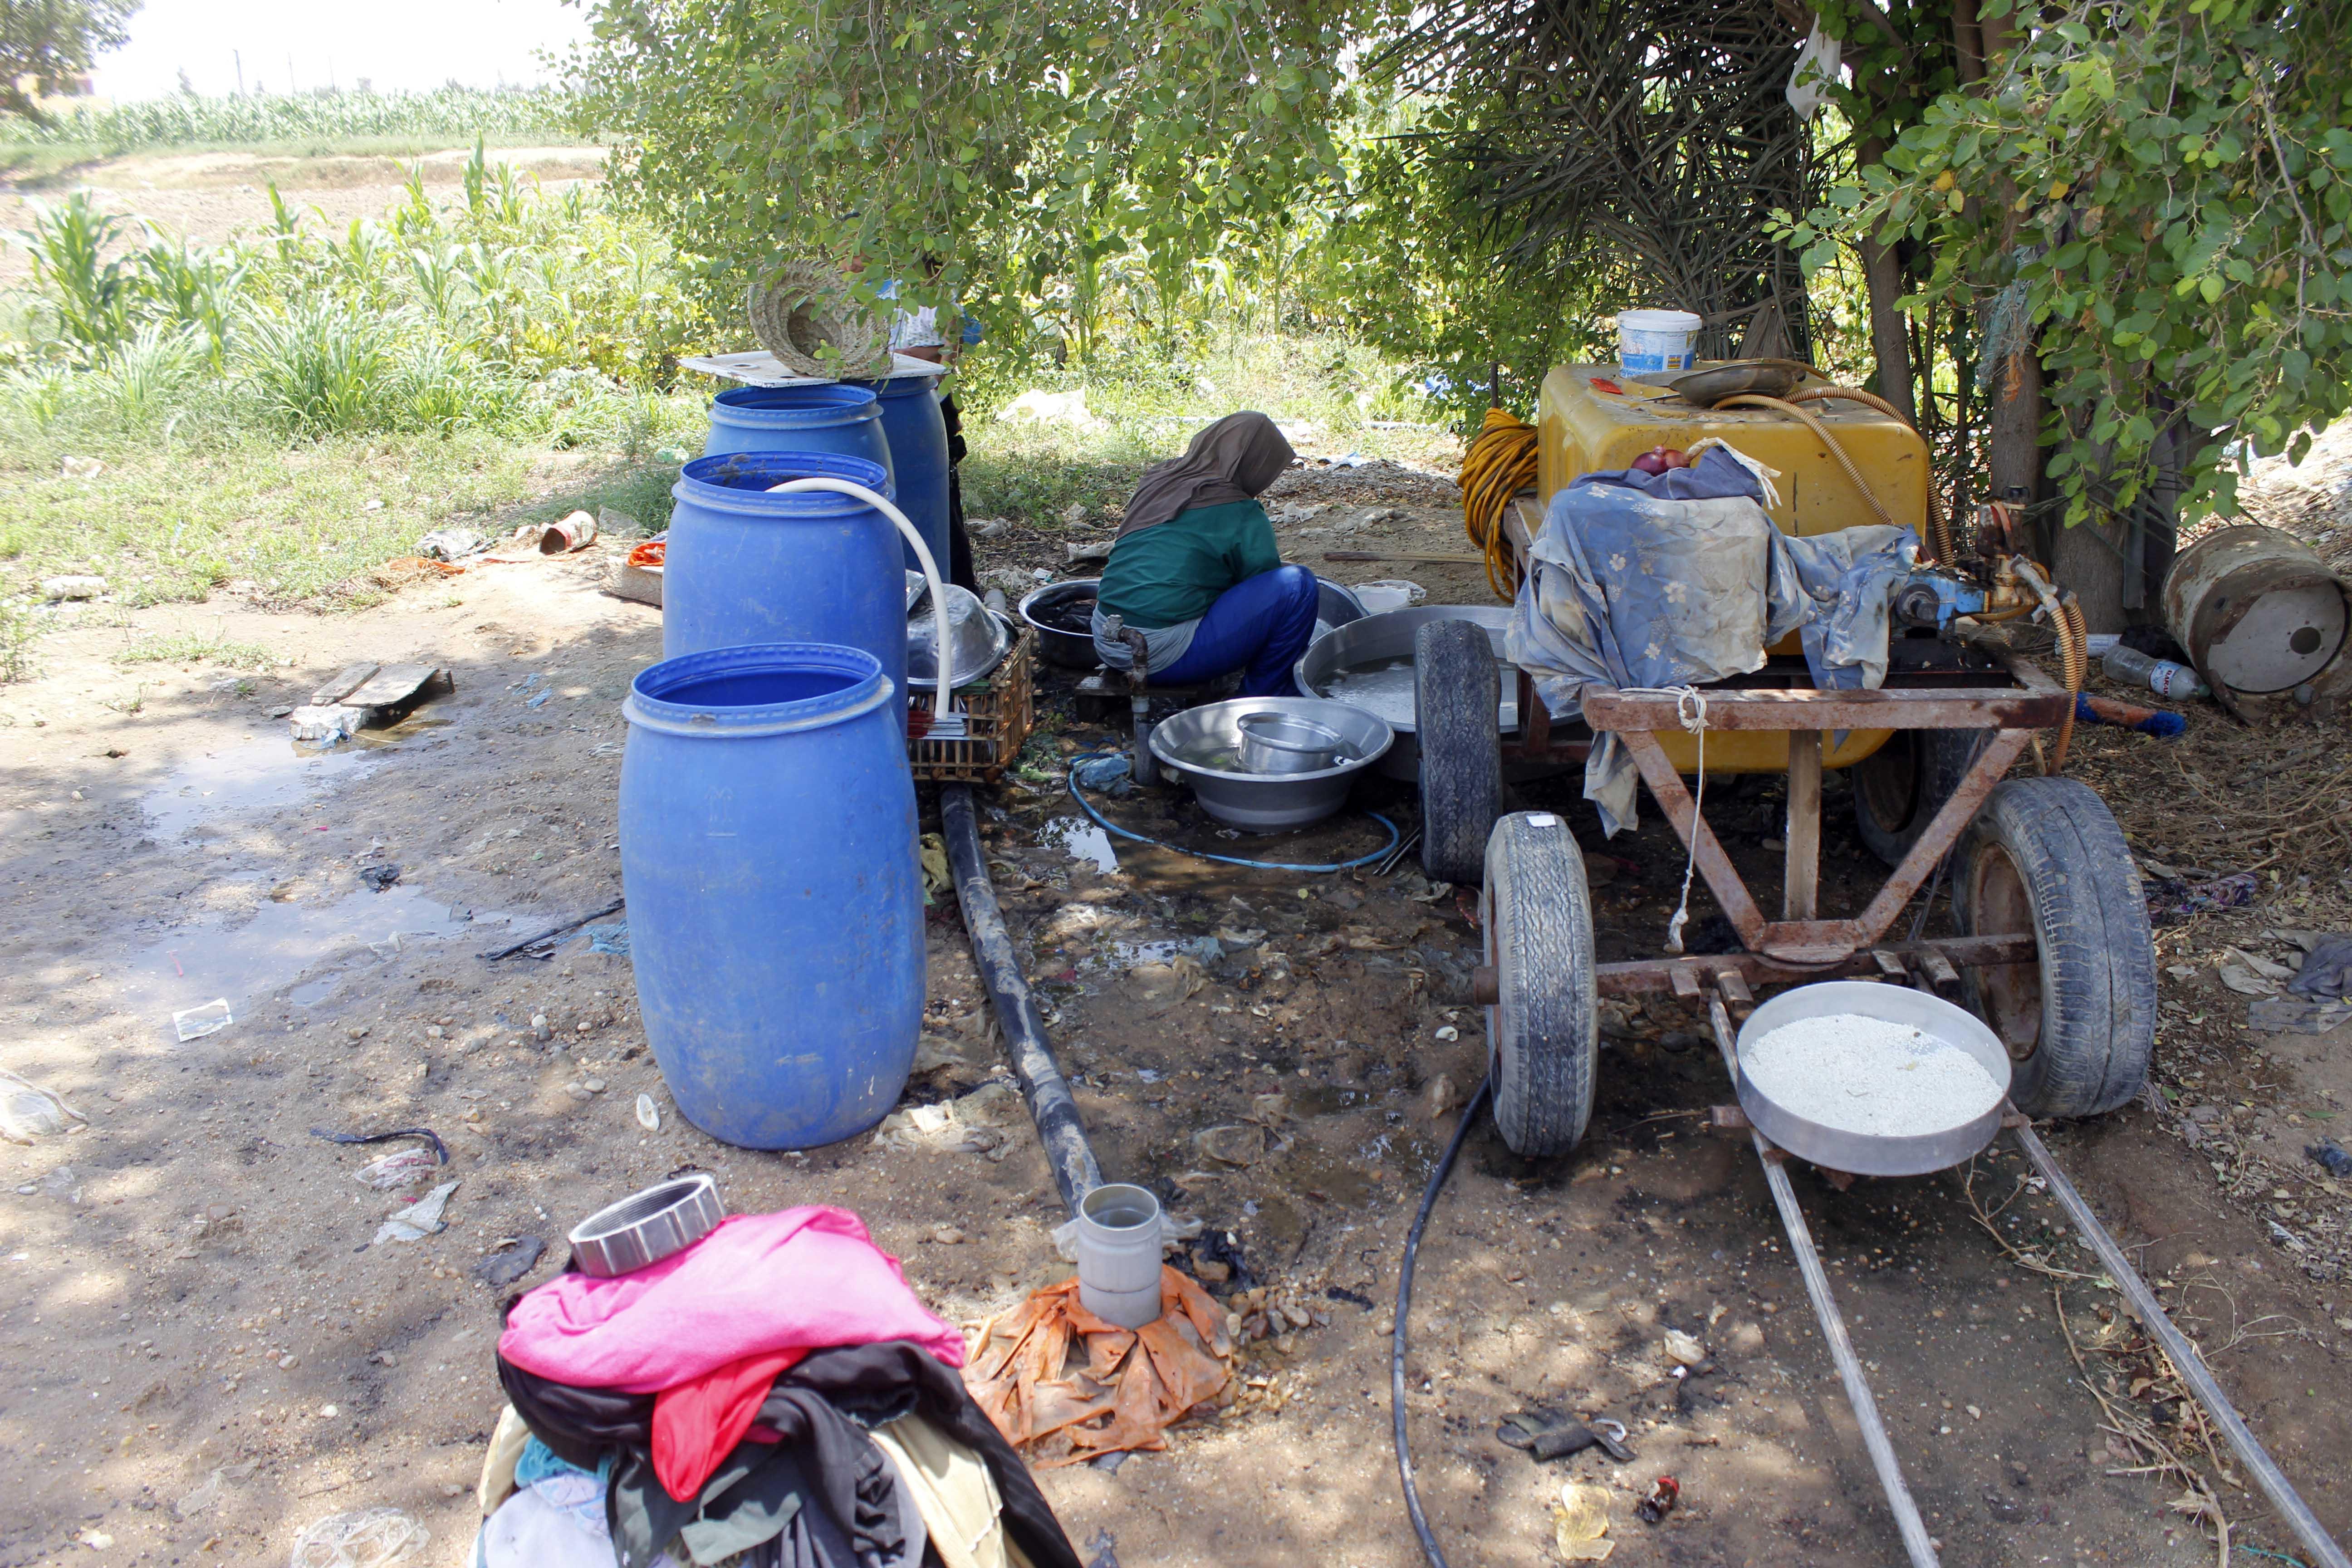 قري  تعيش بدون مياه  شرب  لأربعة أشهر  - تصوير  محمد عوض  (4)